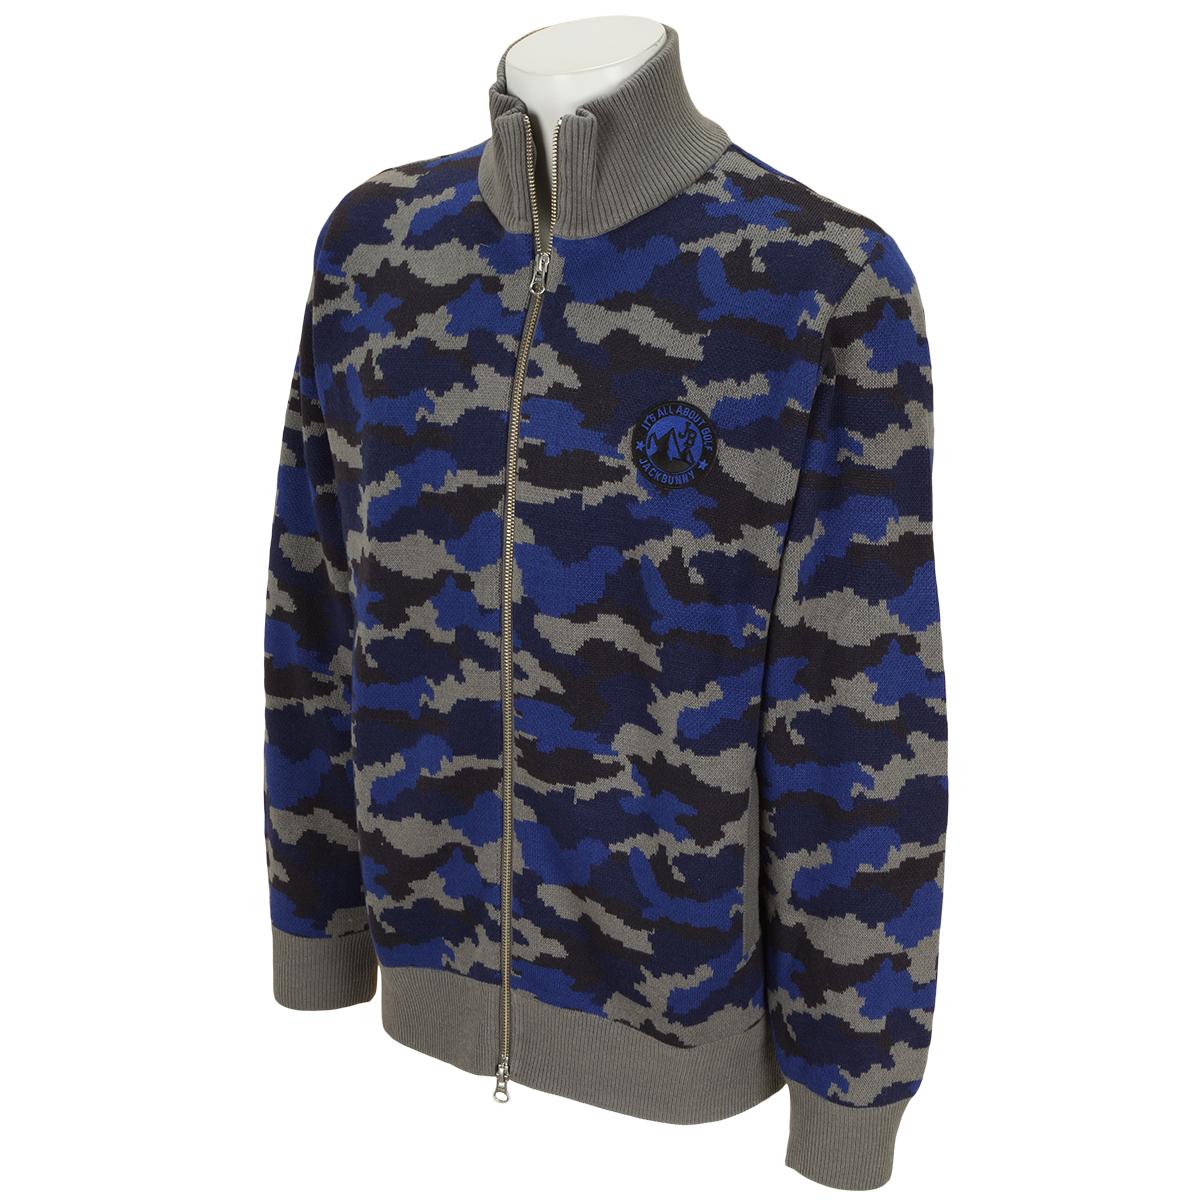 HOTWAVE カモ柄セーター